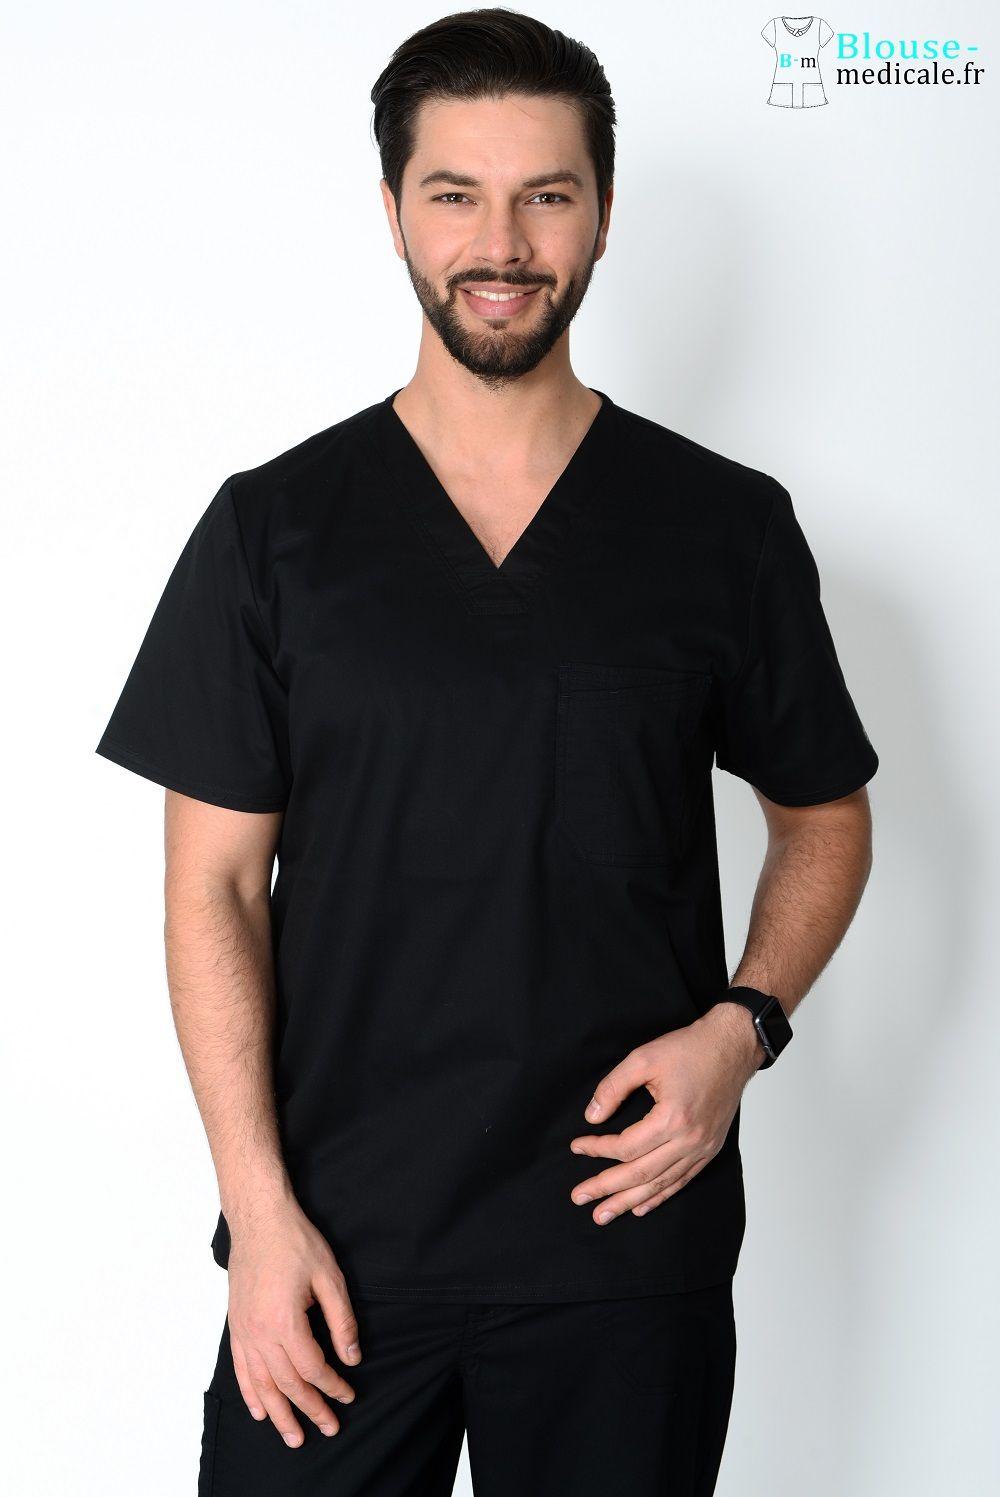 blouse medicale homme couleur cherokee noir